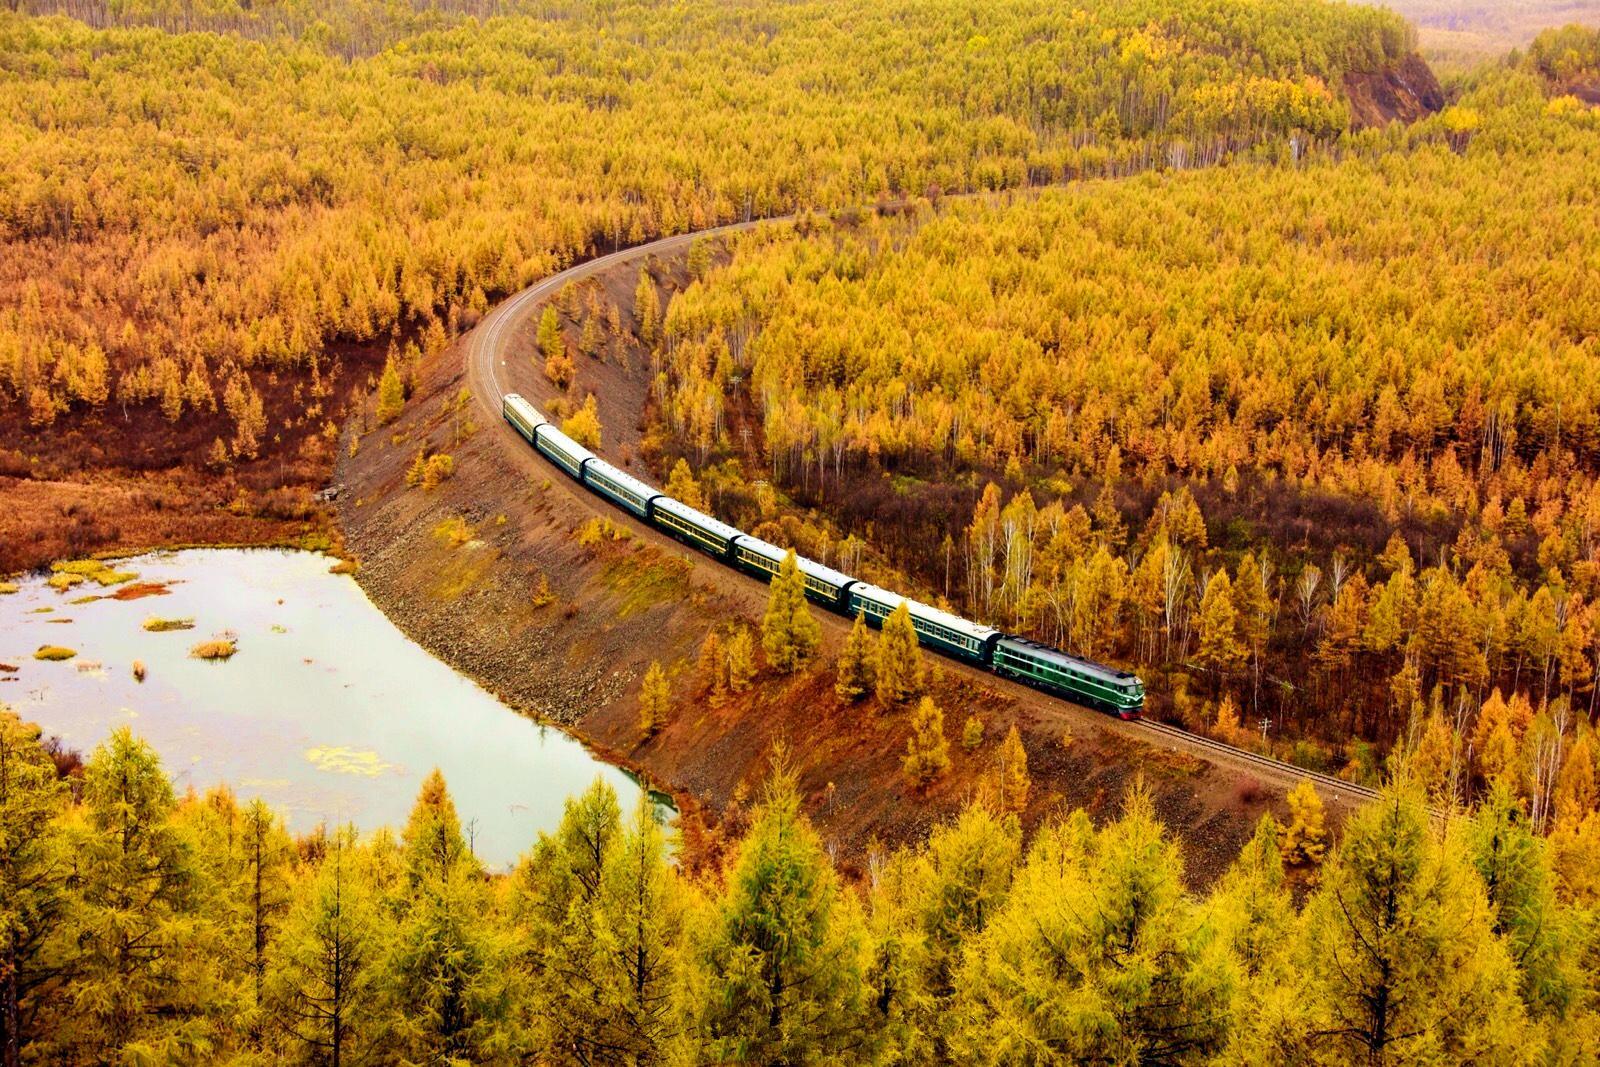 高铁时代里的复古慢车,《惊奇火车之旅